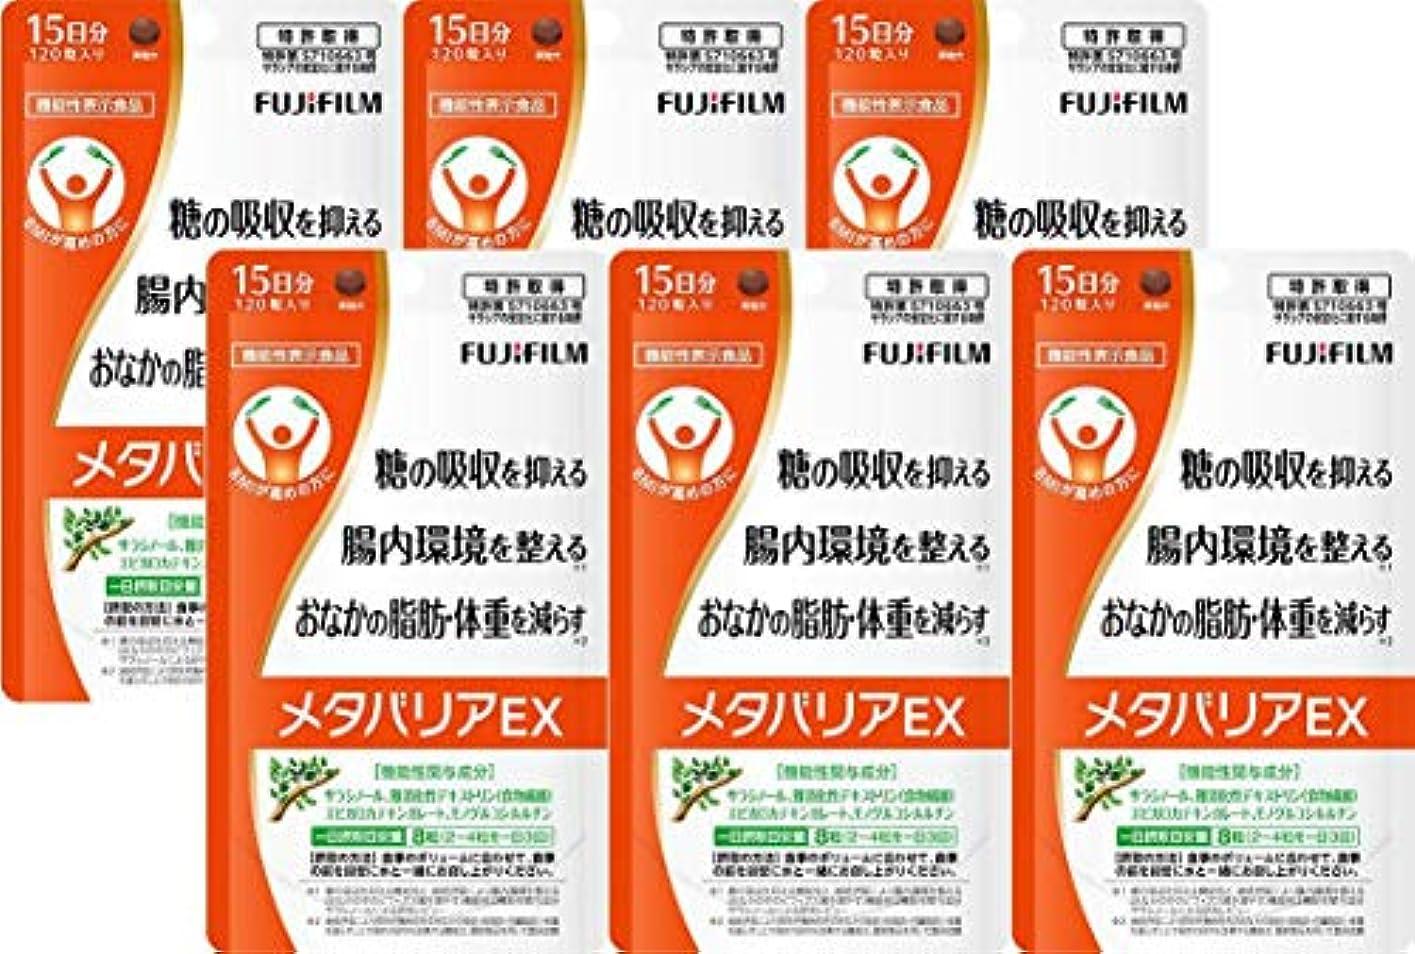 コンテンツカプラースキル【6個セット】富士フィルム メタバリアEX 120粒 機能性表示食品